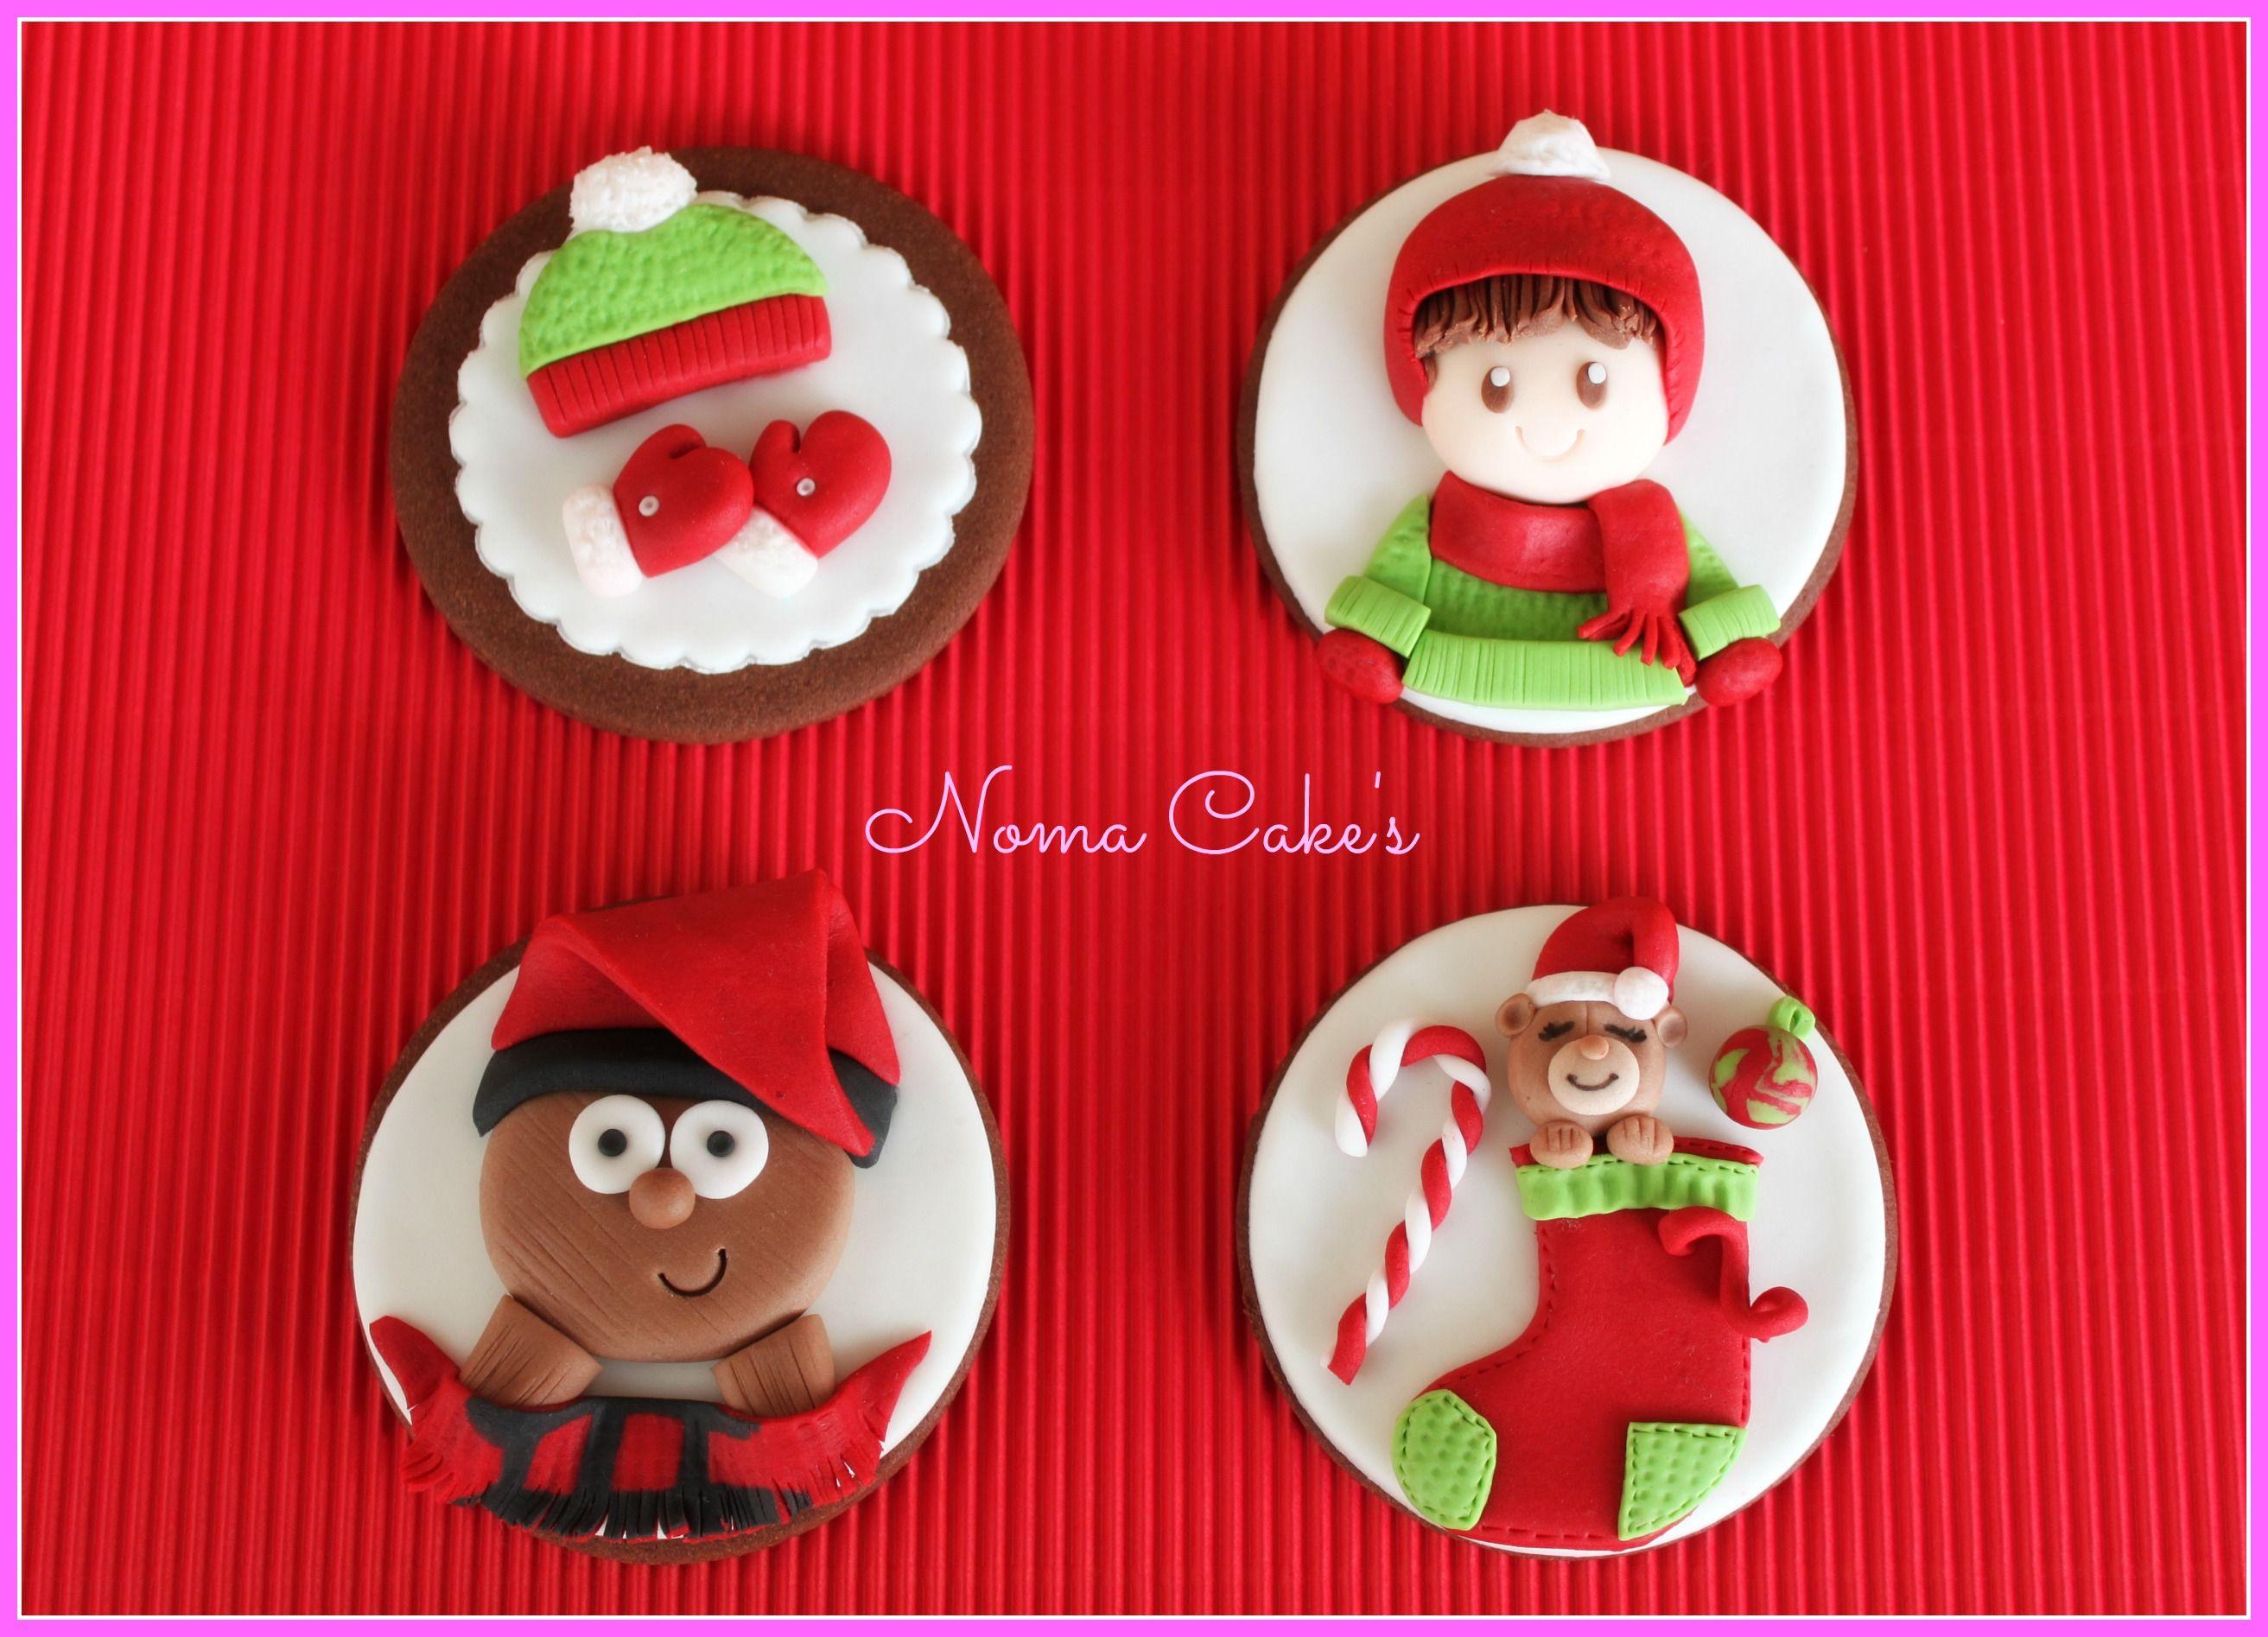 galletas de navidad - Buscar con Google